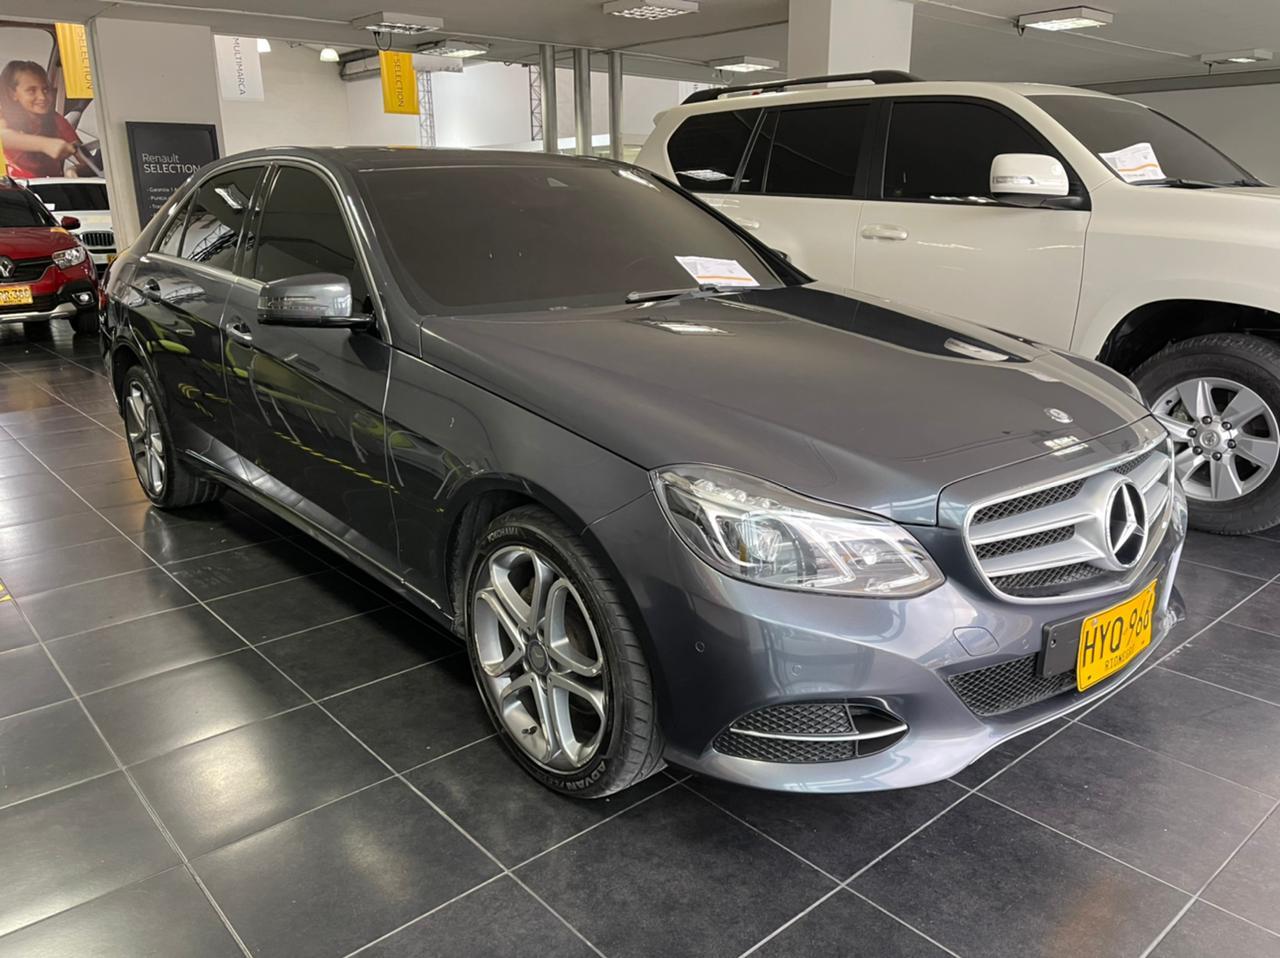 Mercedes-Benz-E200-01492288-1